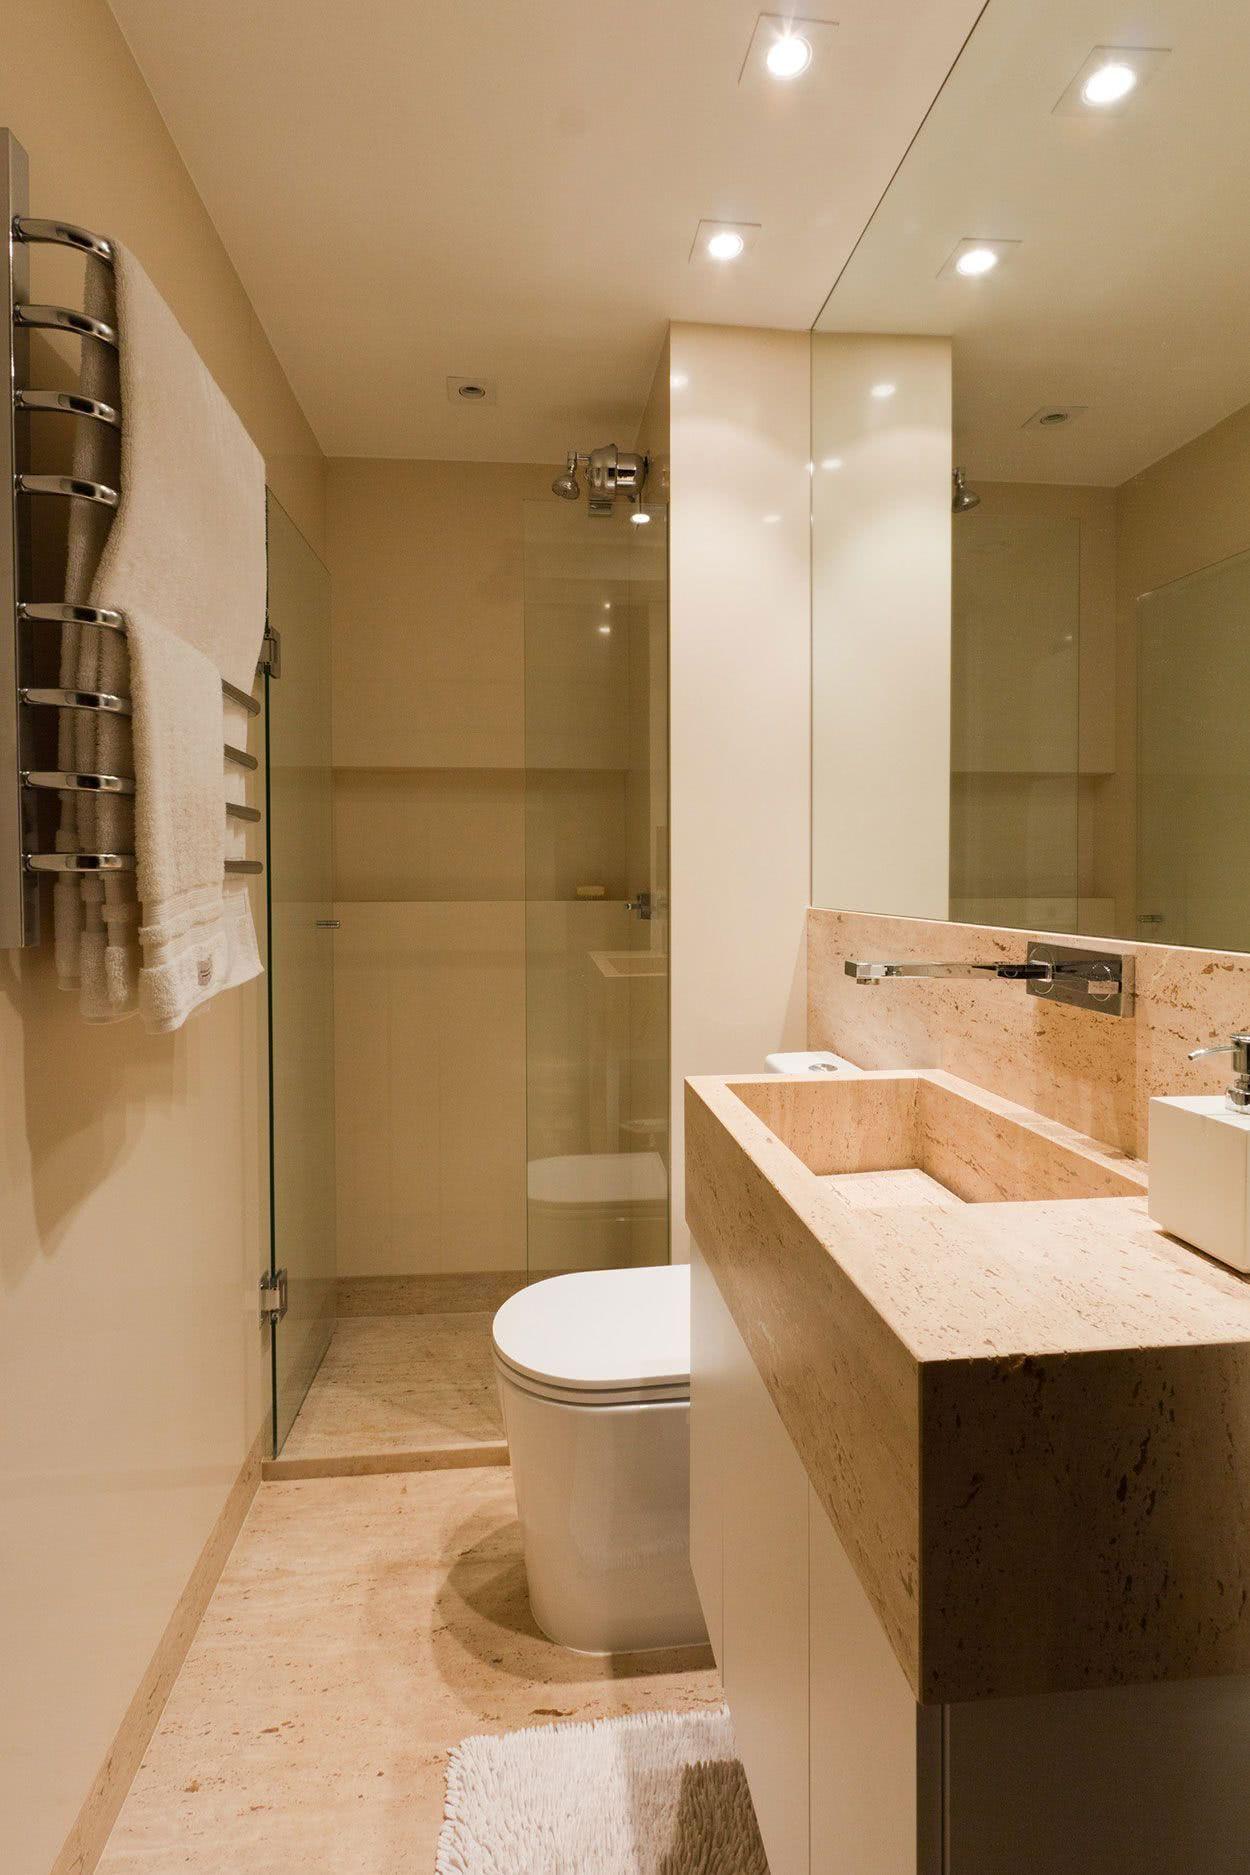 #474711 100 Banheiros Simples e Pequenos Inspiradores Fotos 1250x1875 px banheiros bem pequenos e simples